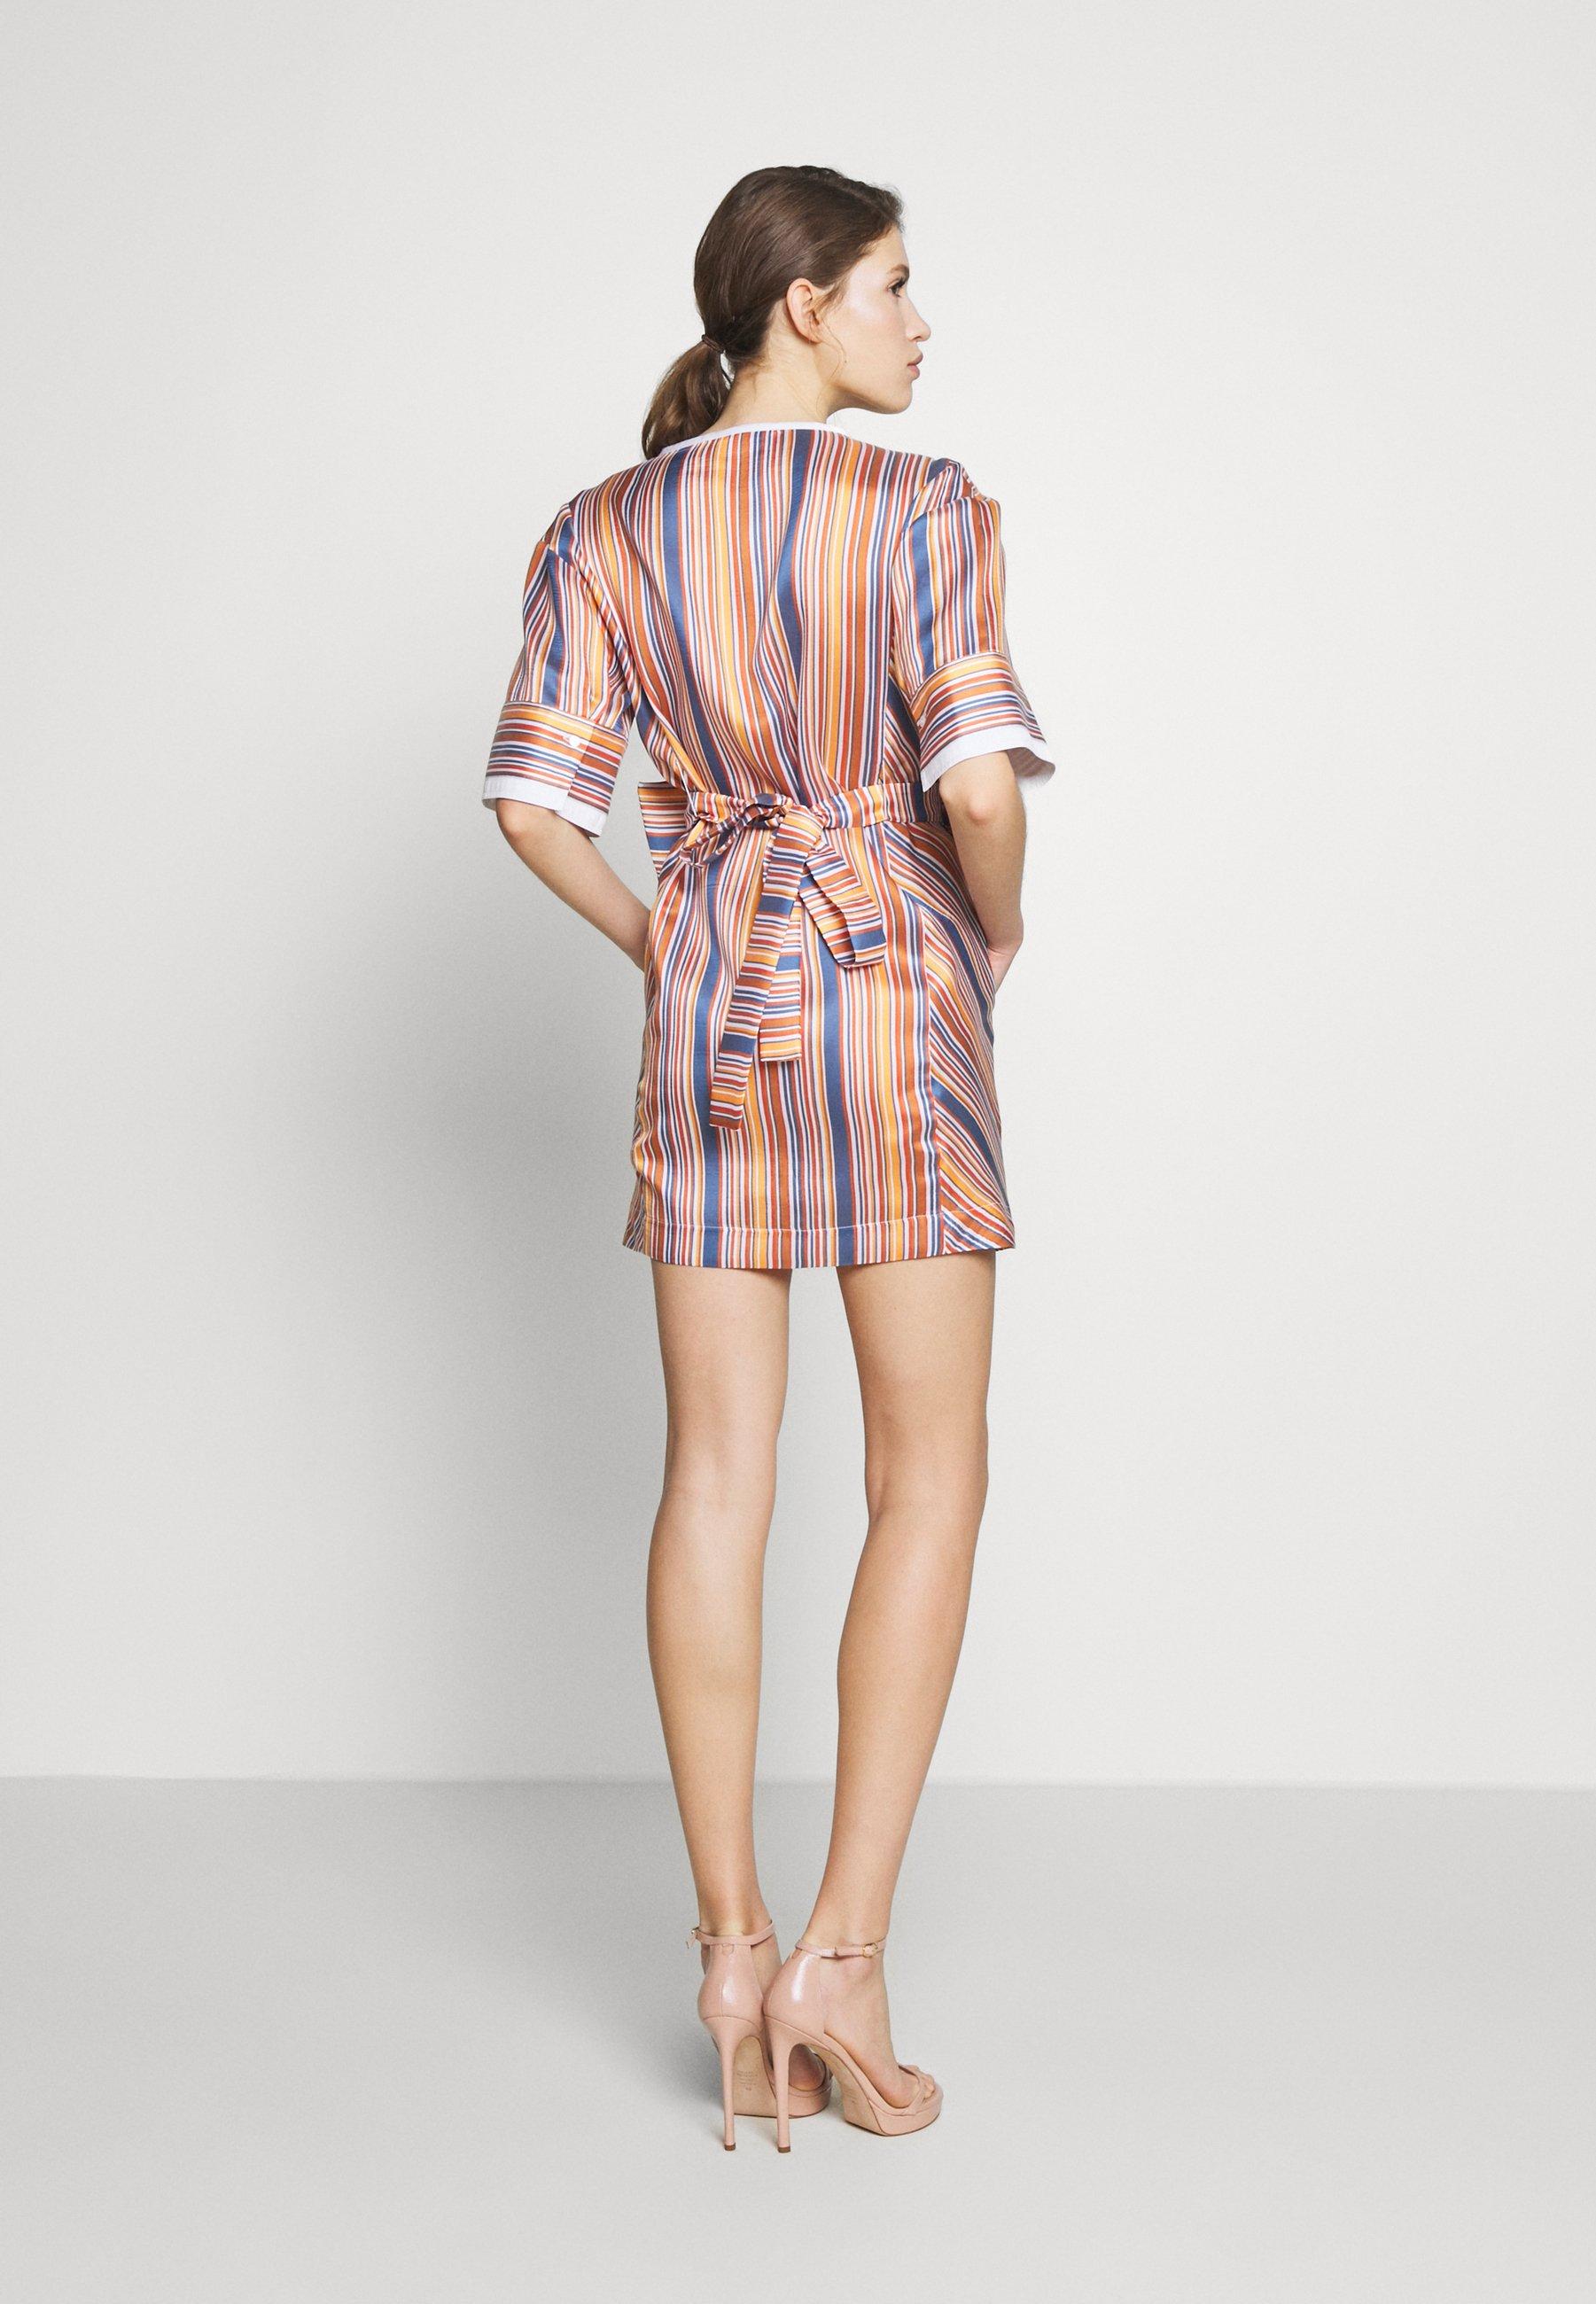 Victoria Beckham Boxy Shift Dress - Vestito Estivo Steel Blue/ochre/orange/white RCC0N